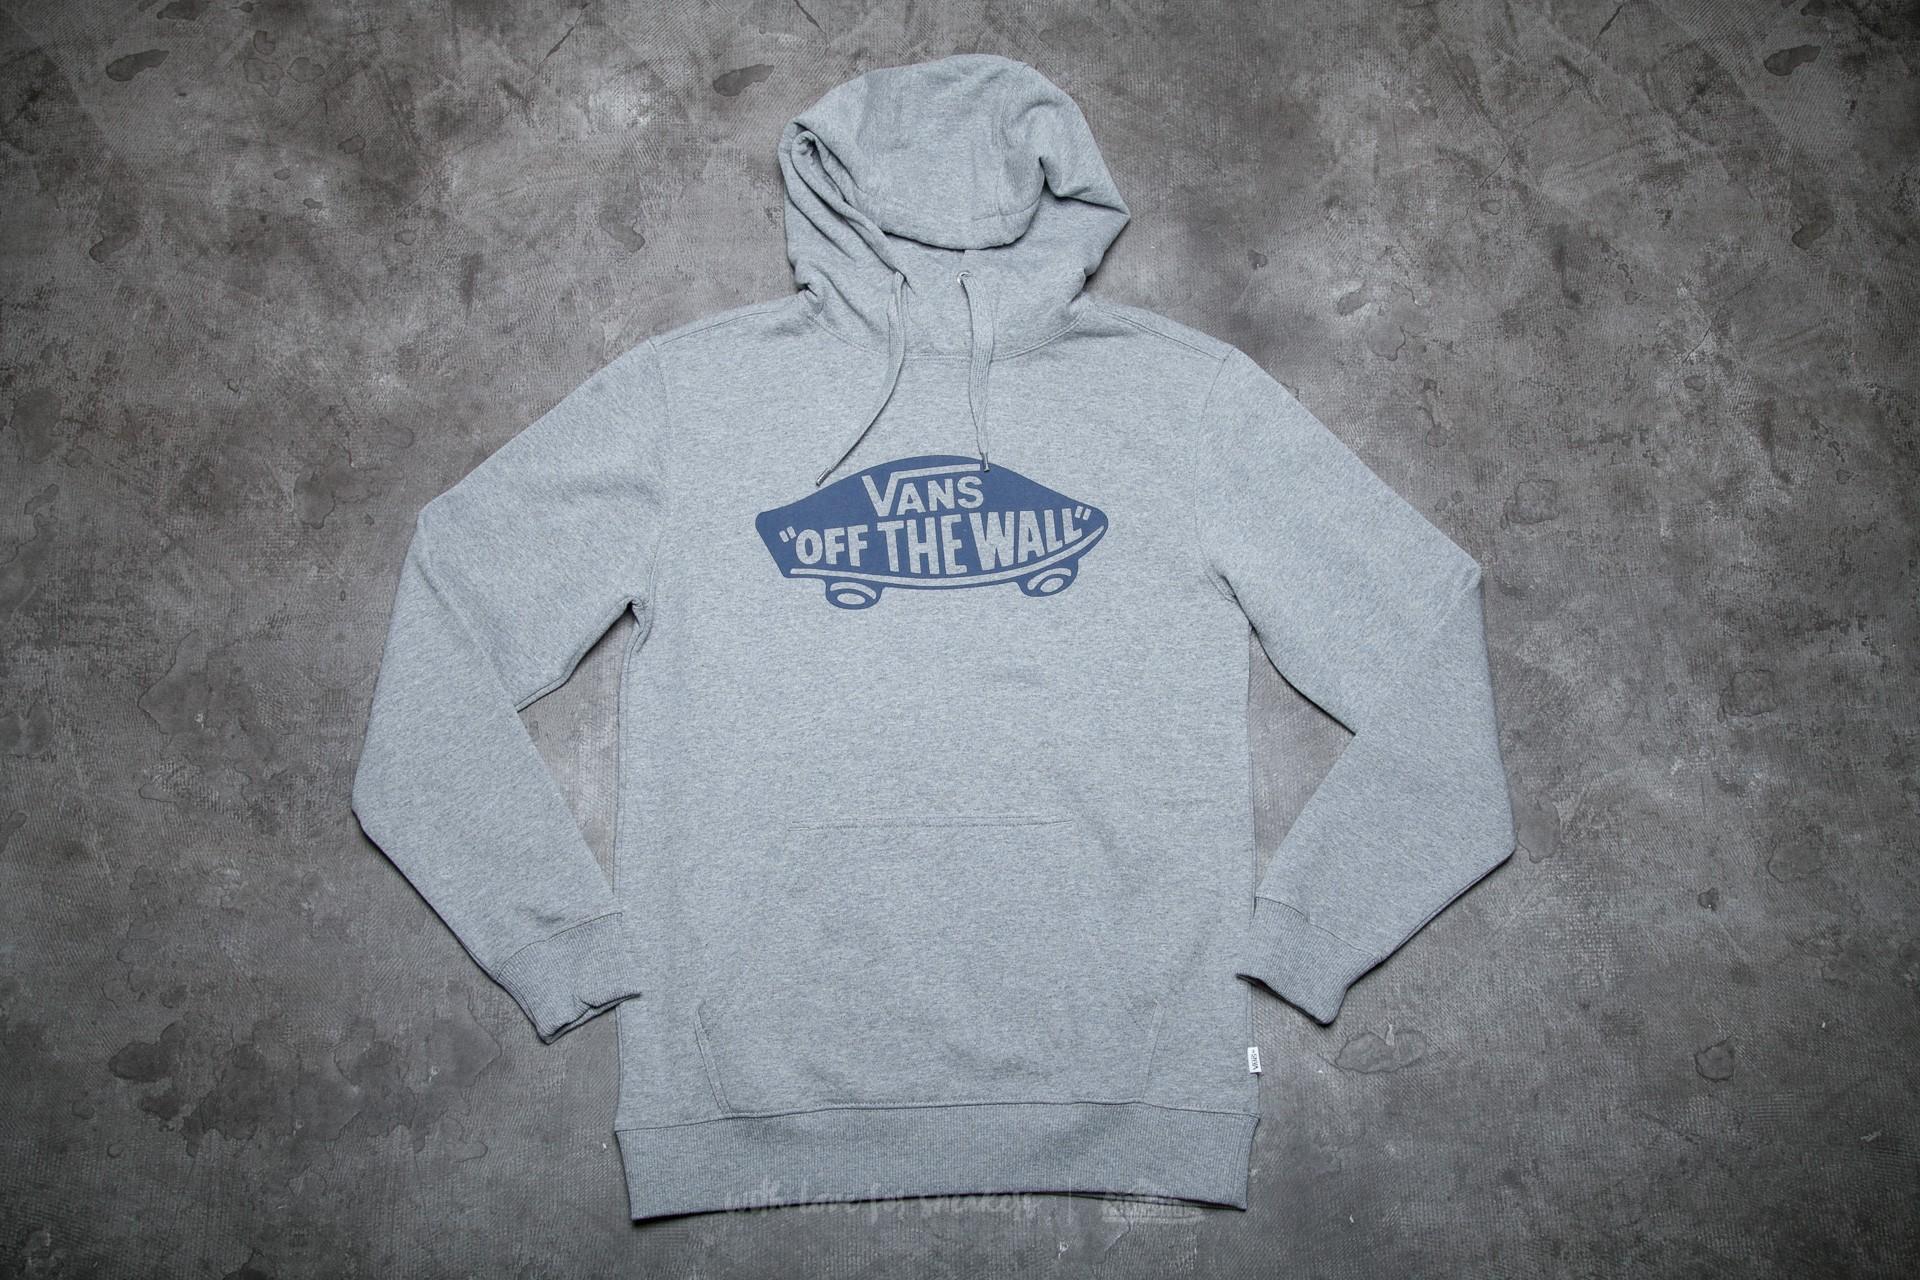 Vans M Otw Pullover Fleece Concrete Heather  Dress Blues  f1812e703b